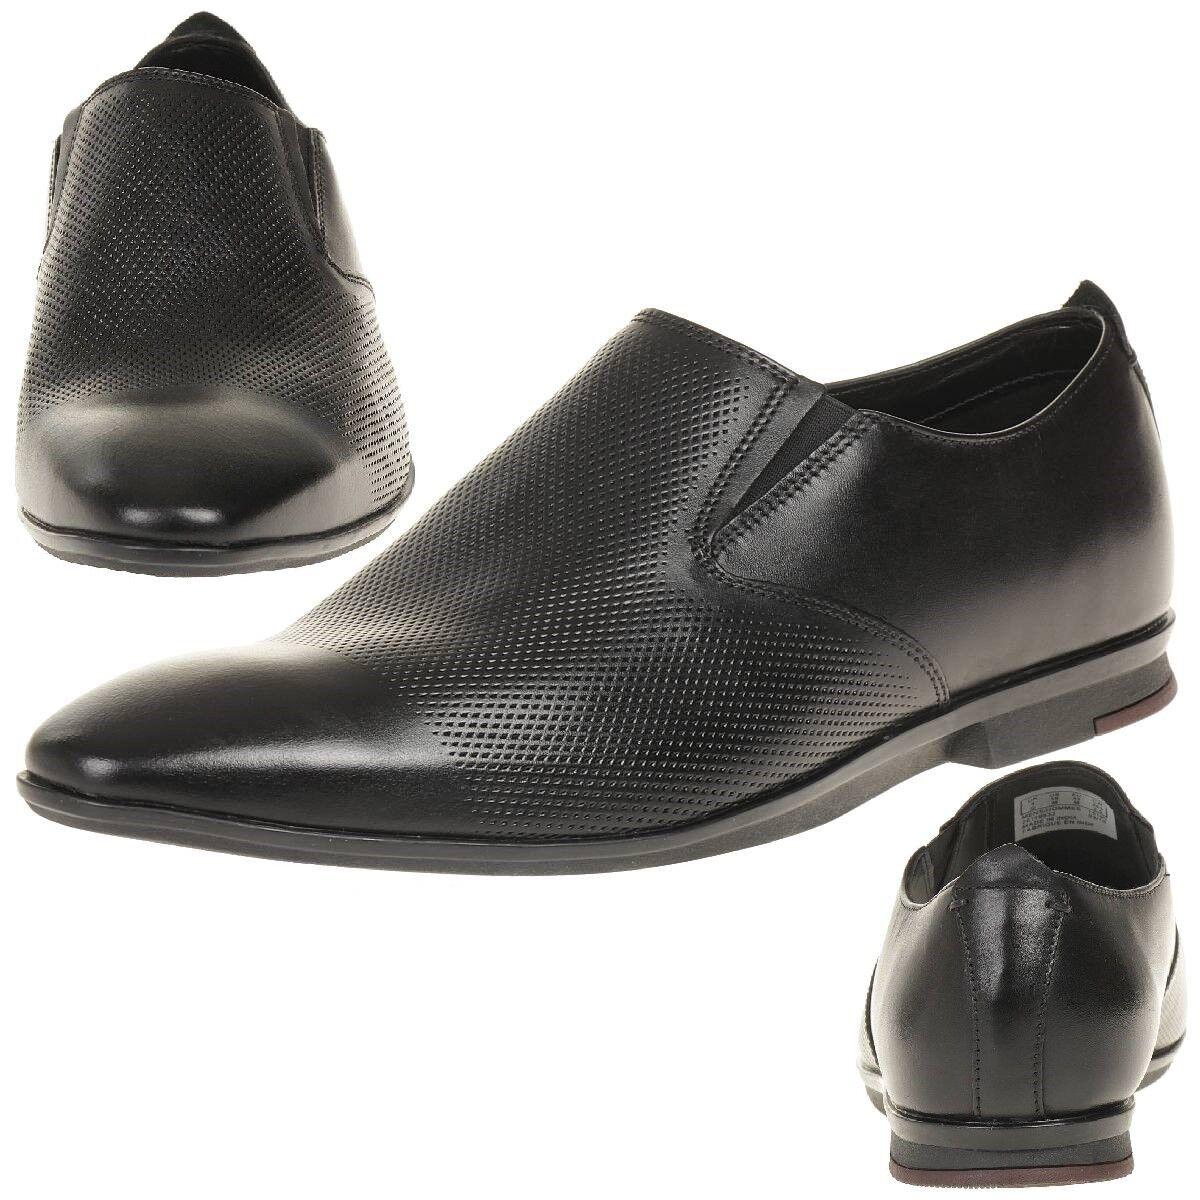 Clarks Zapatos kinver Step Piel Hombres Zapatos Clarks de vestir piel negro 5befa0